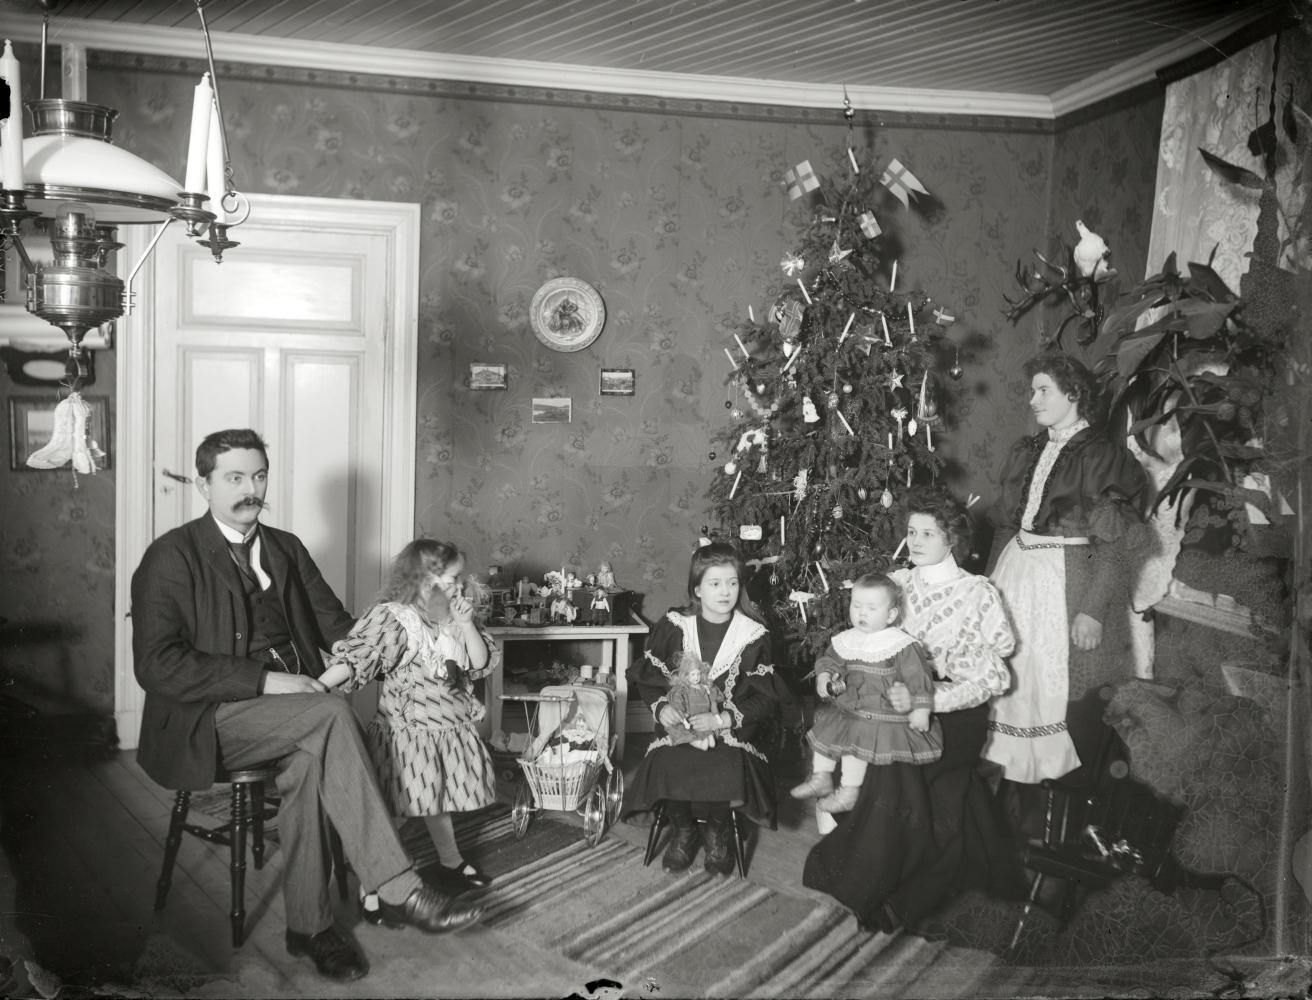 Julfirande hos Kirunafamilj.